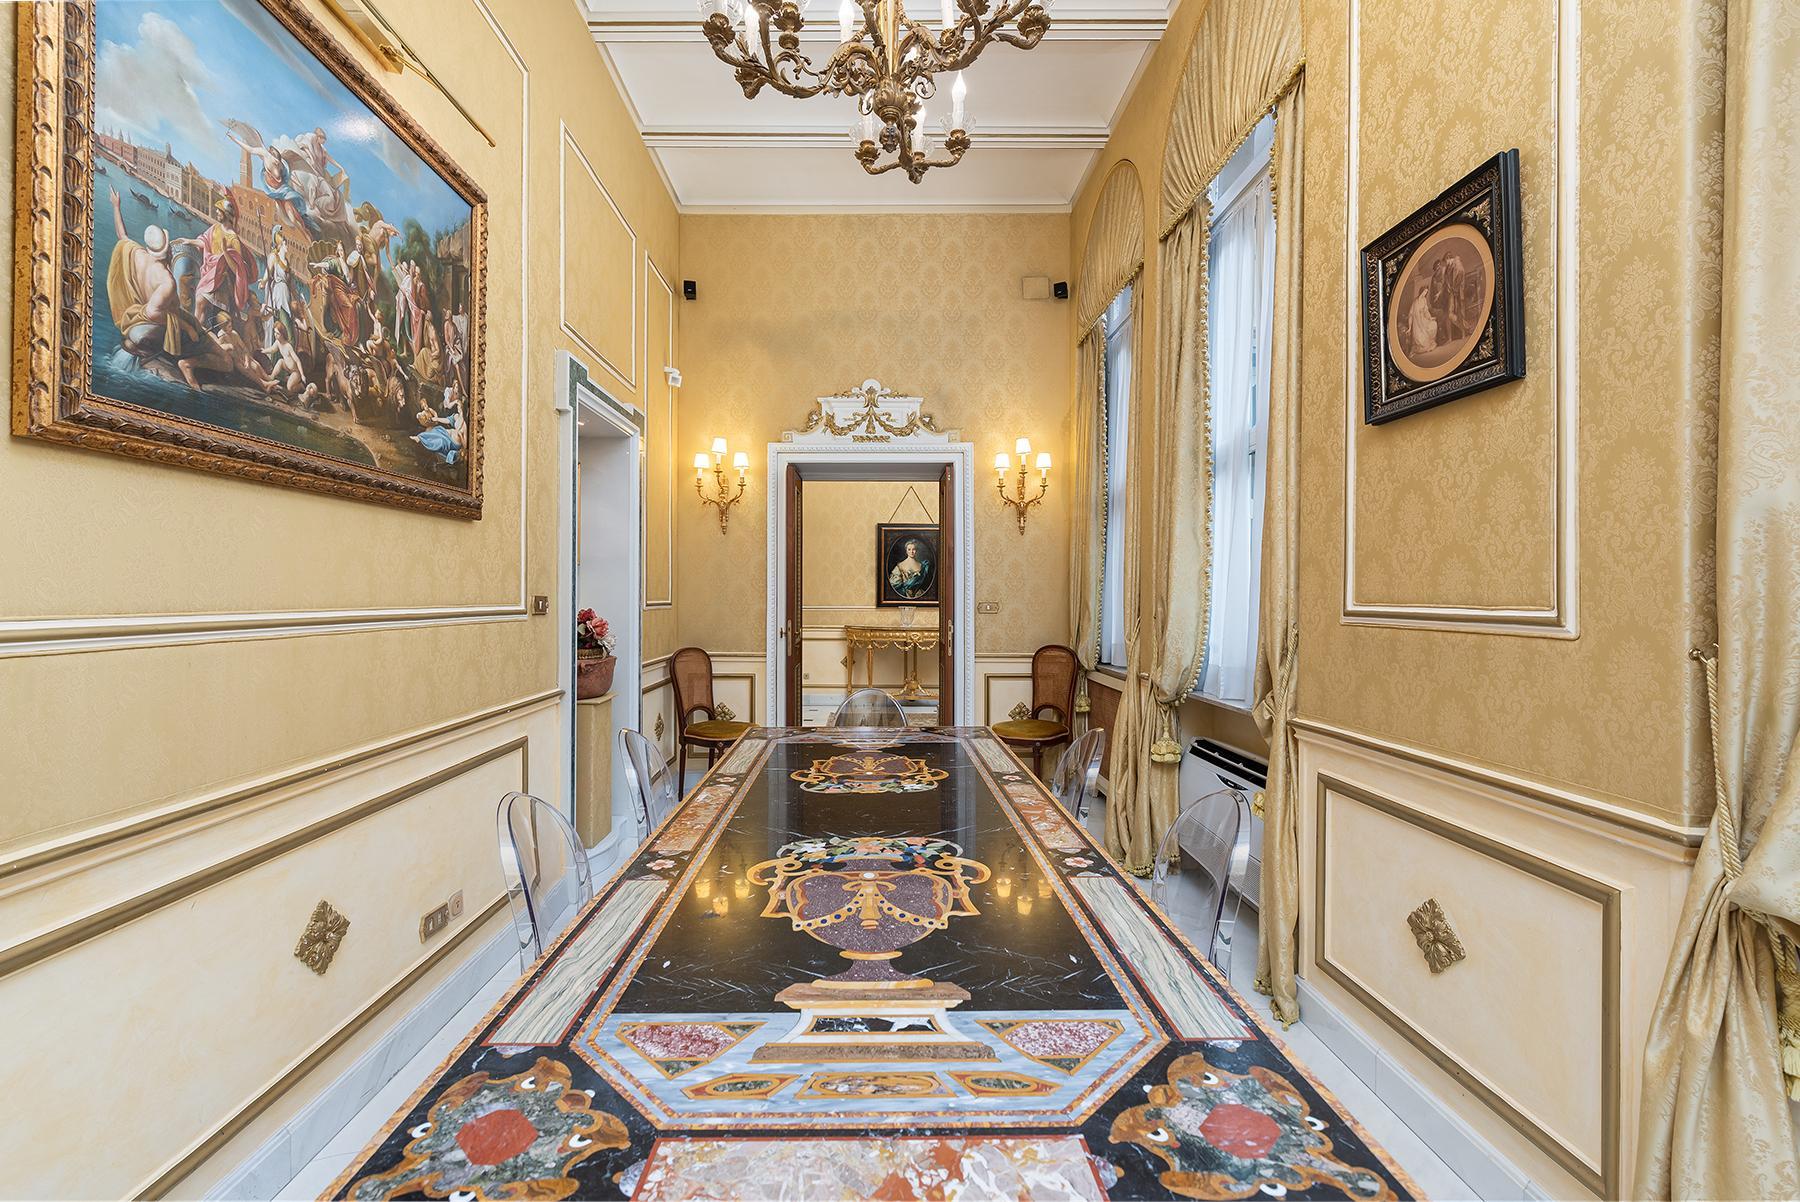 Роскошная квартира с большой террасой  в элегантном здании начала 900 года - 33